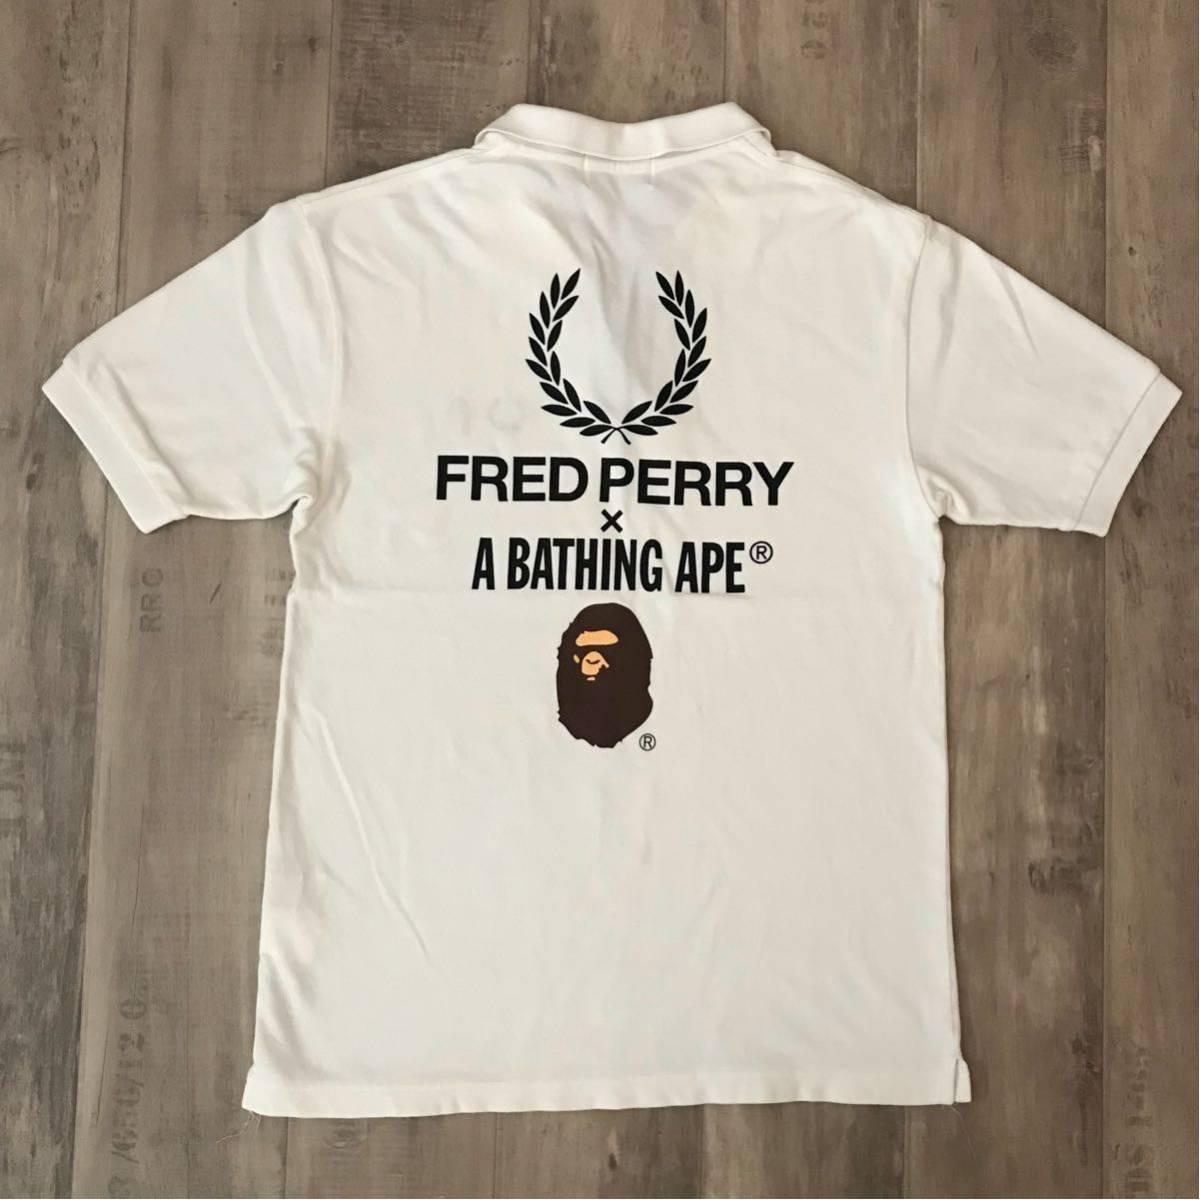 ★2店舗限定★ FRED PERRY × A BATHING APE ポロシャツ Lサイズ フレッドペリー bape エイプ ベイプ アベイシングエイプ 京都 青山 限定